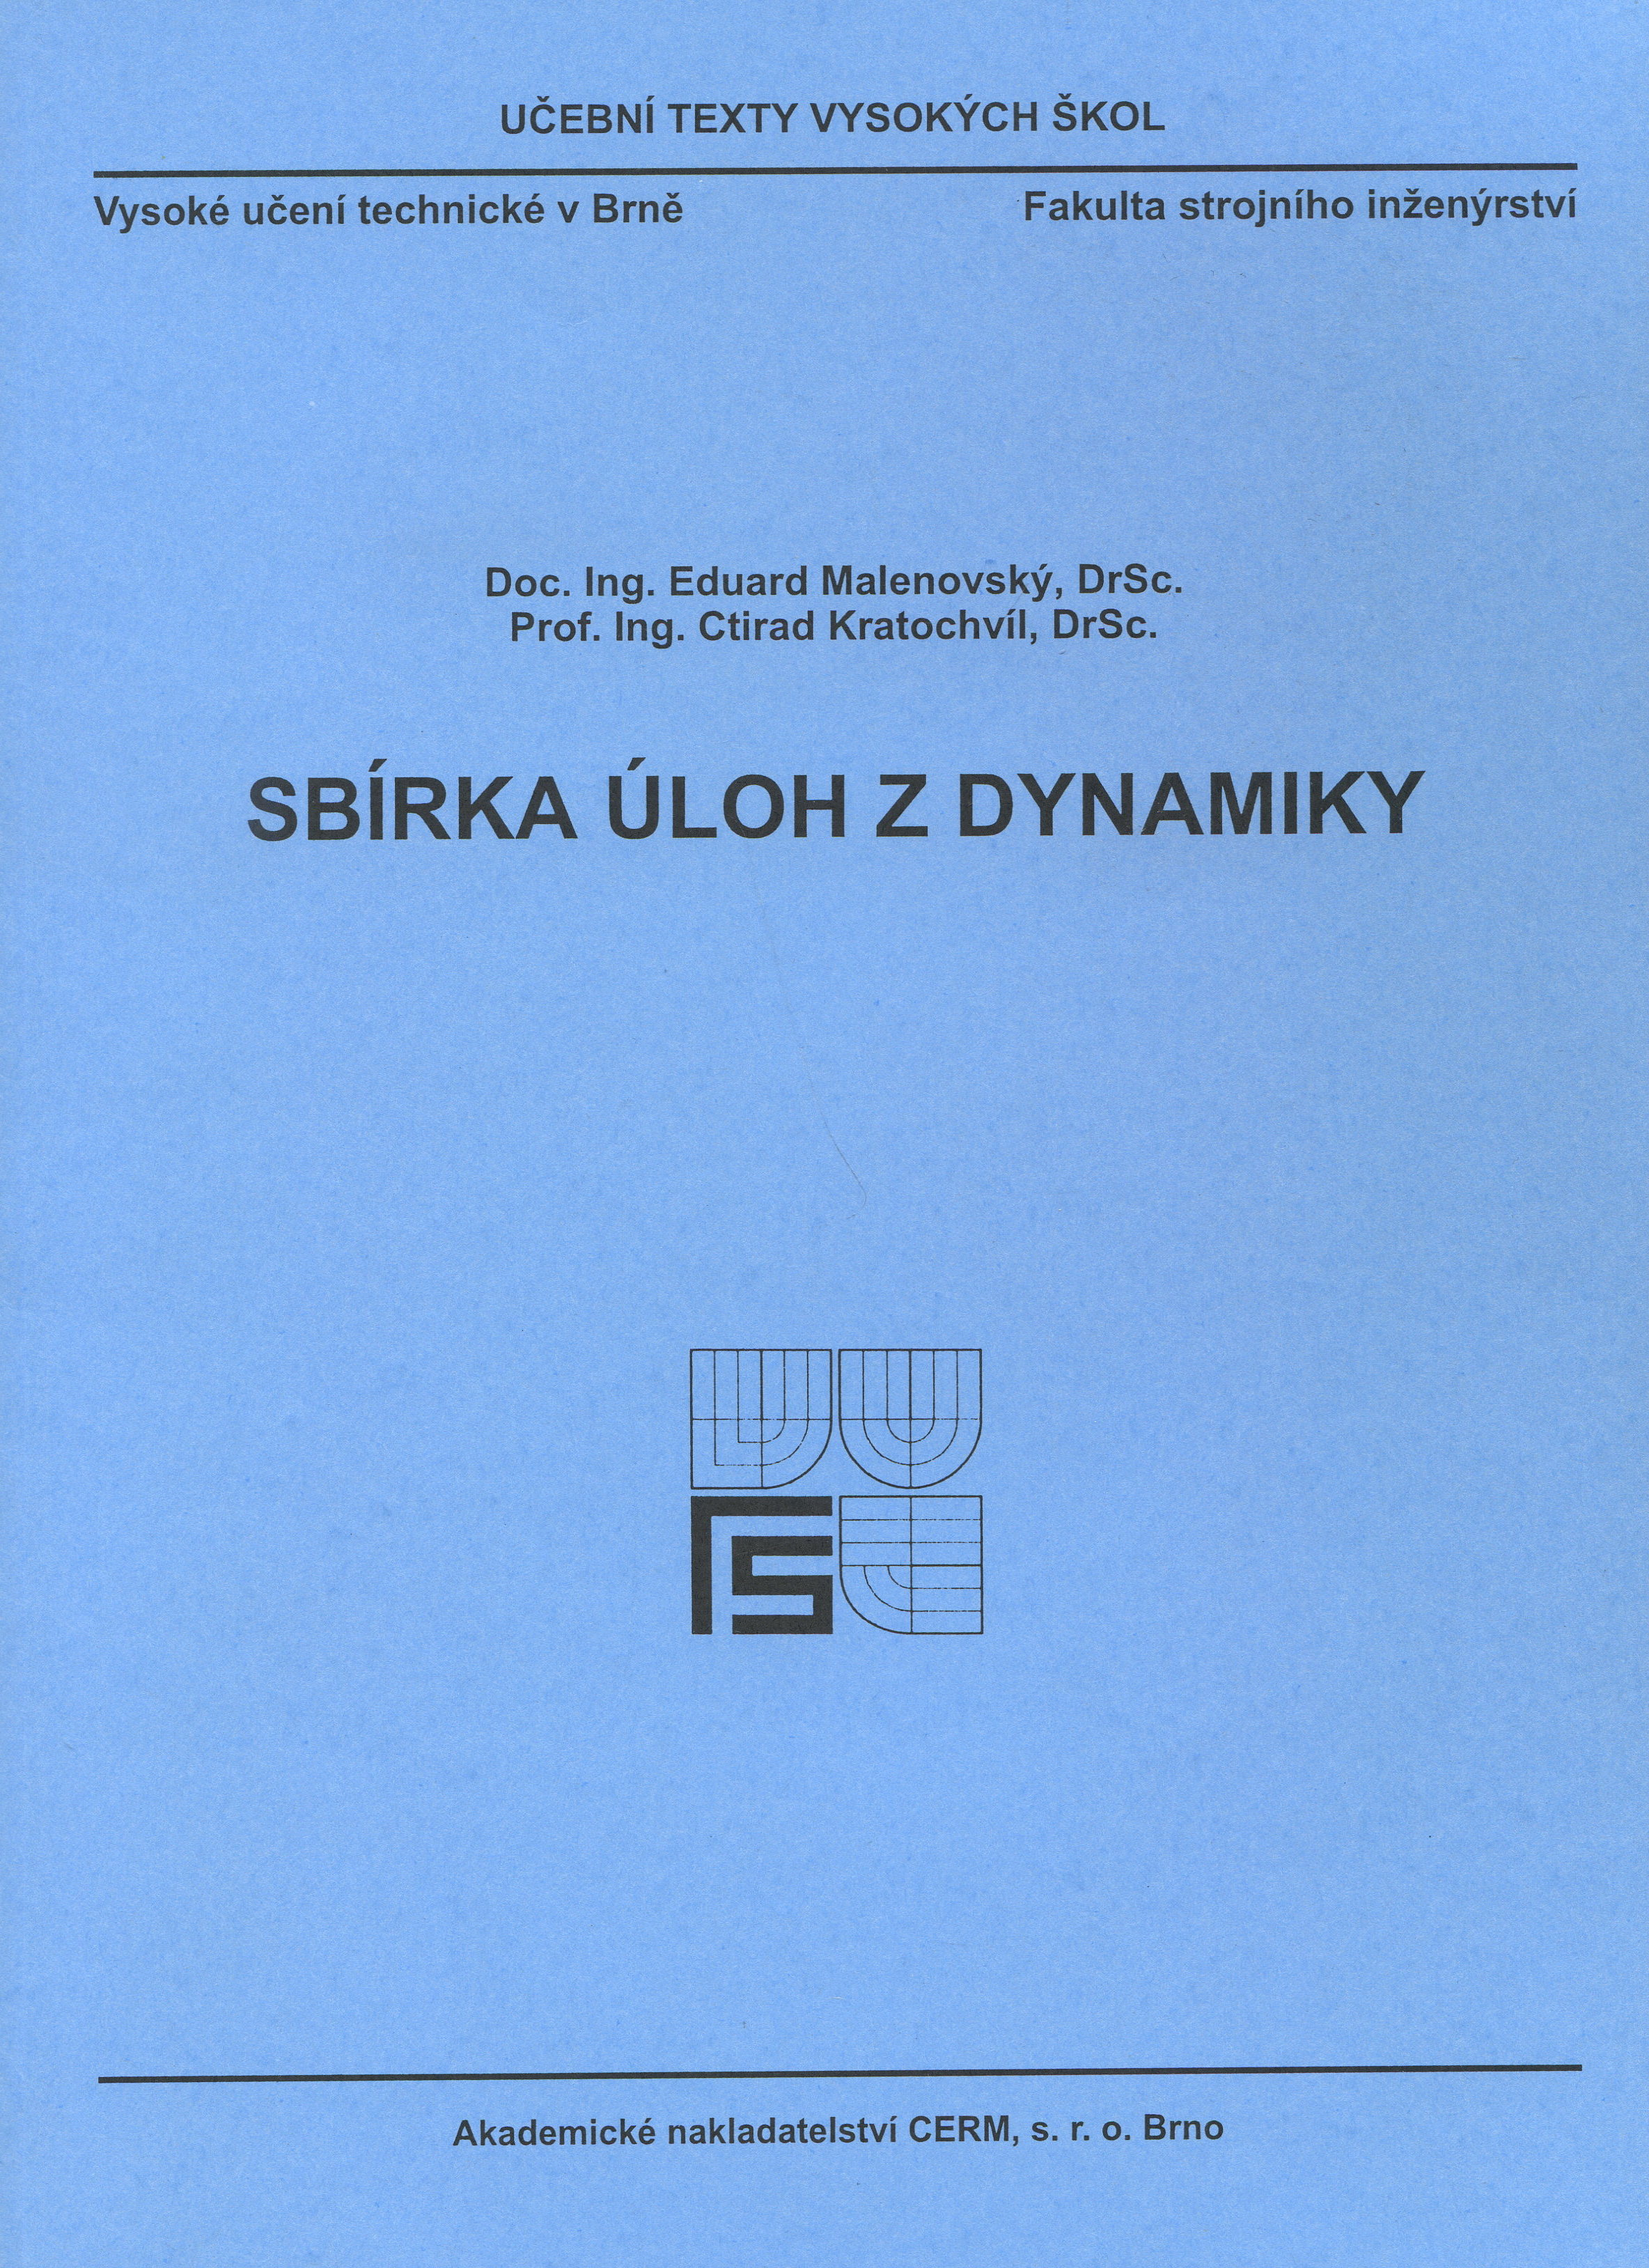 Sbírka úloh z dynamiky